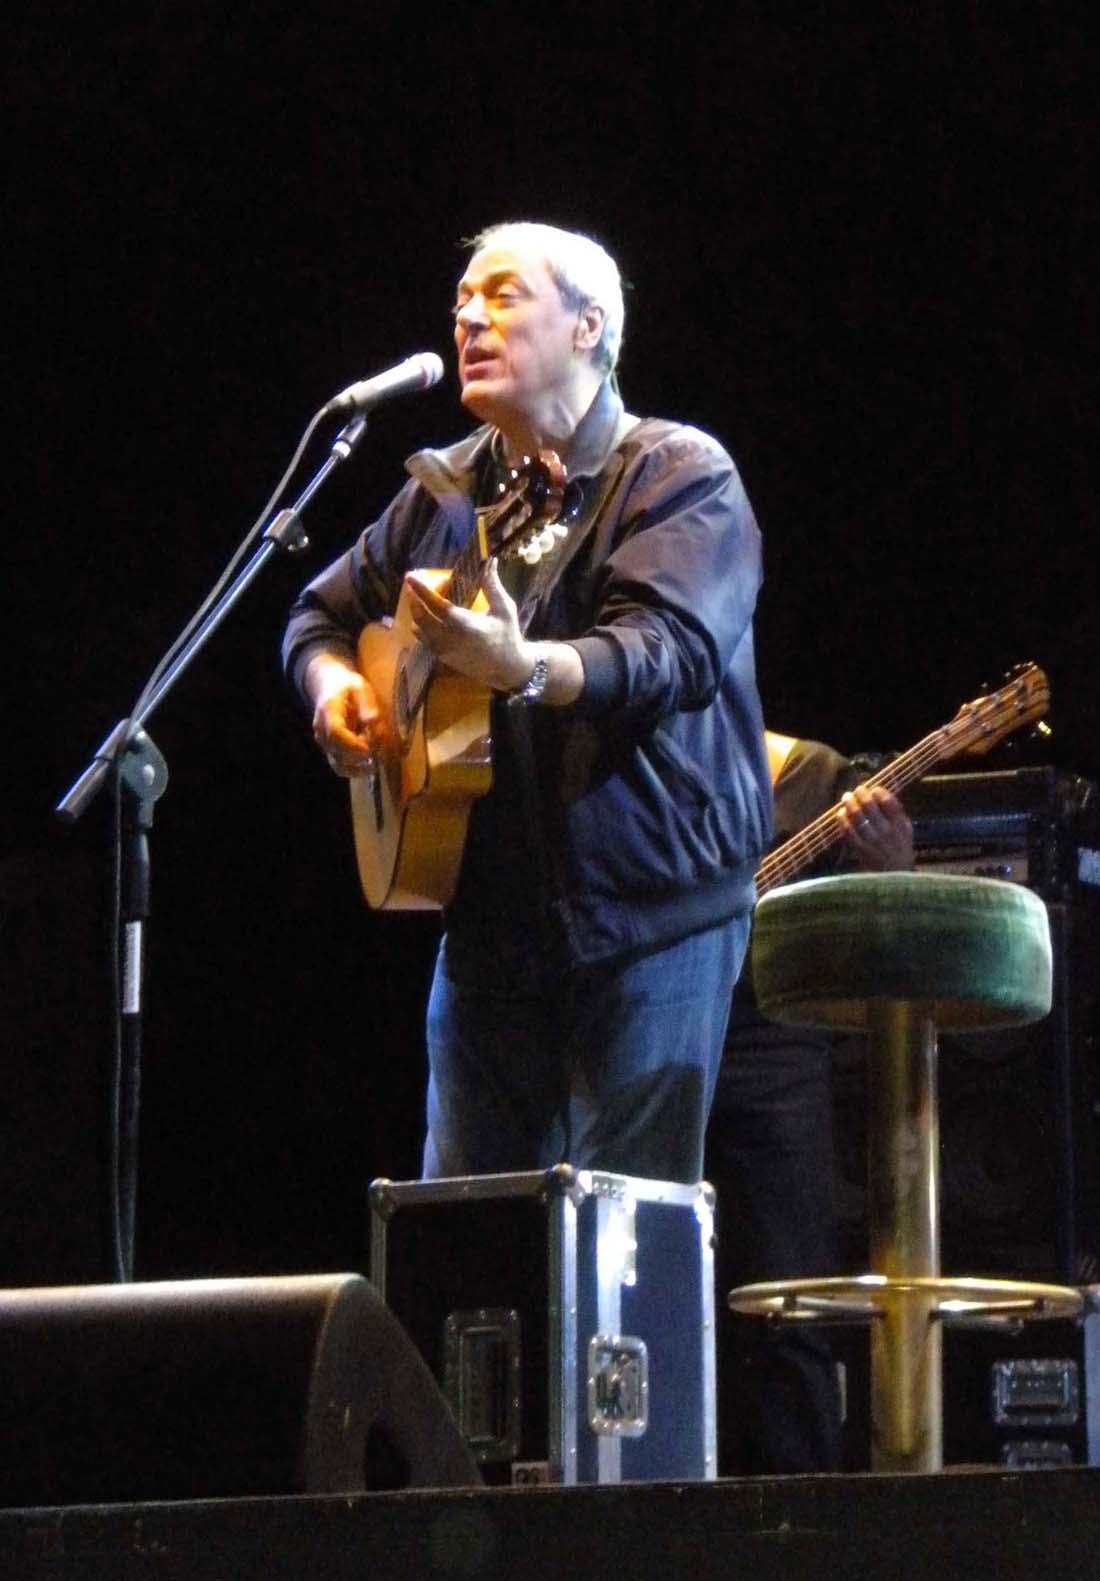 Toquinho en un recital en Cremona (Italia), en agosto de 2010.